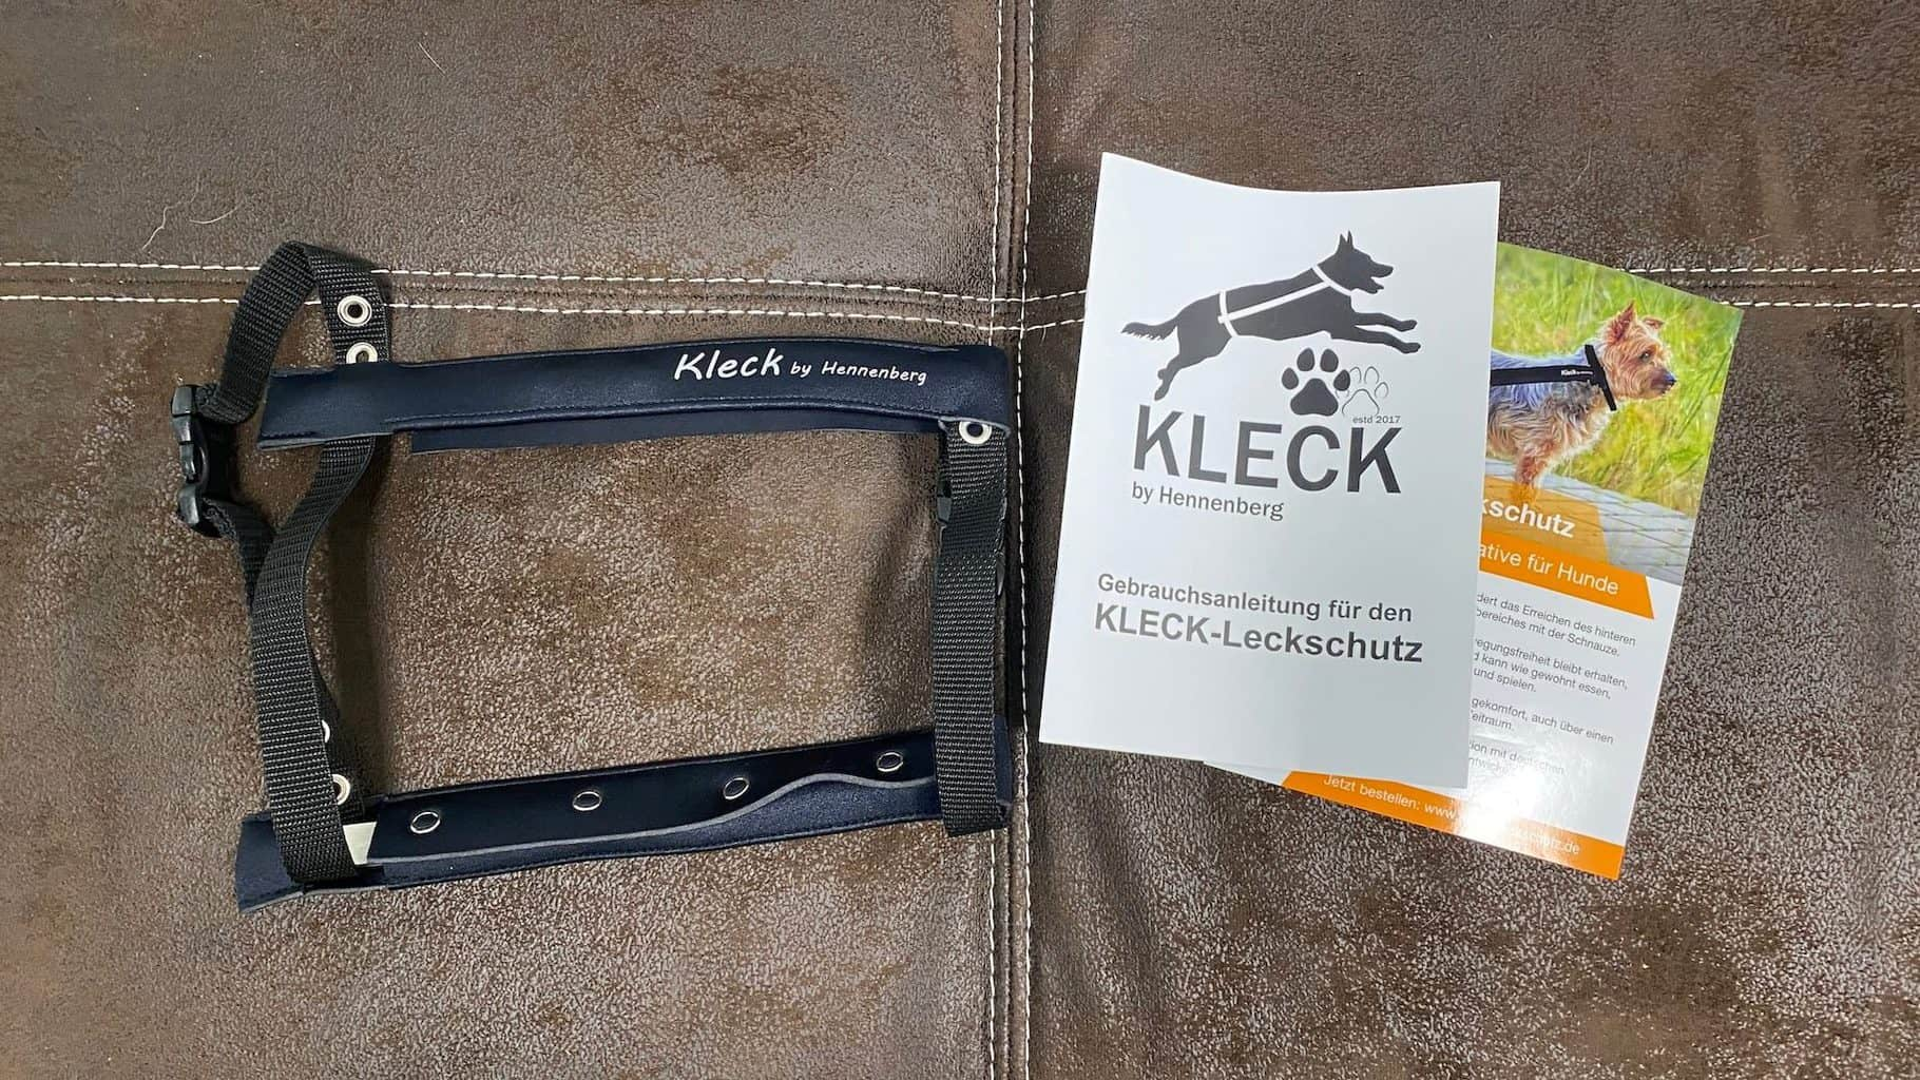 kleck leckschutz rotated